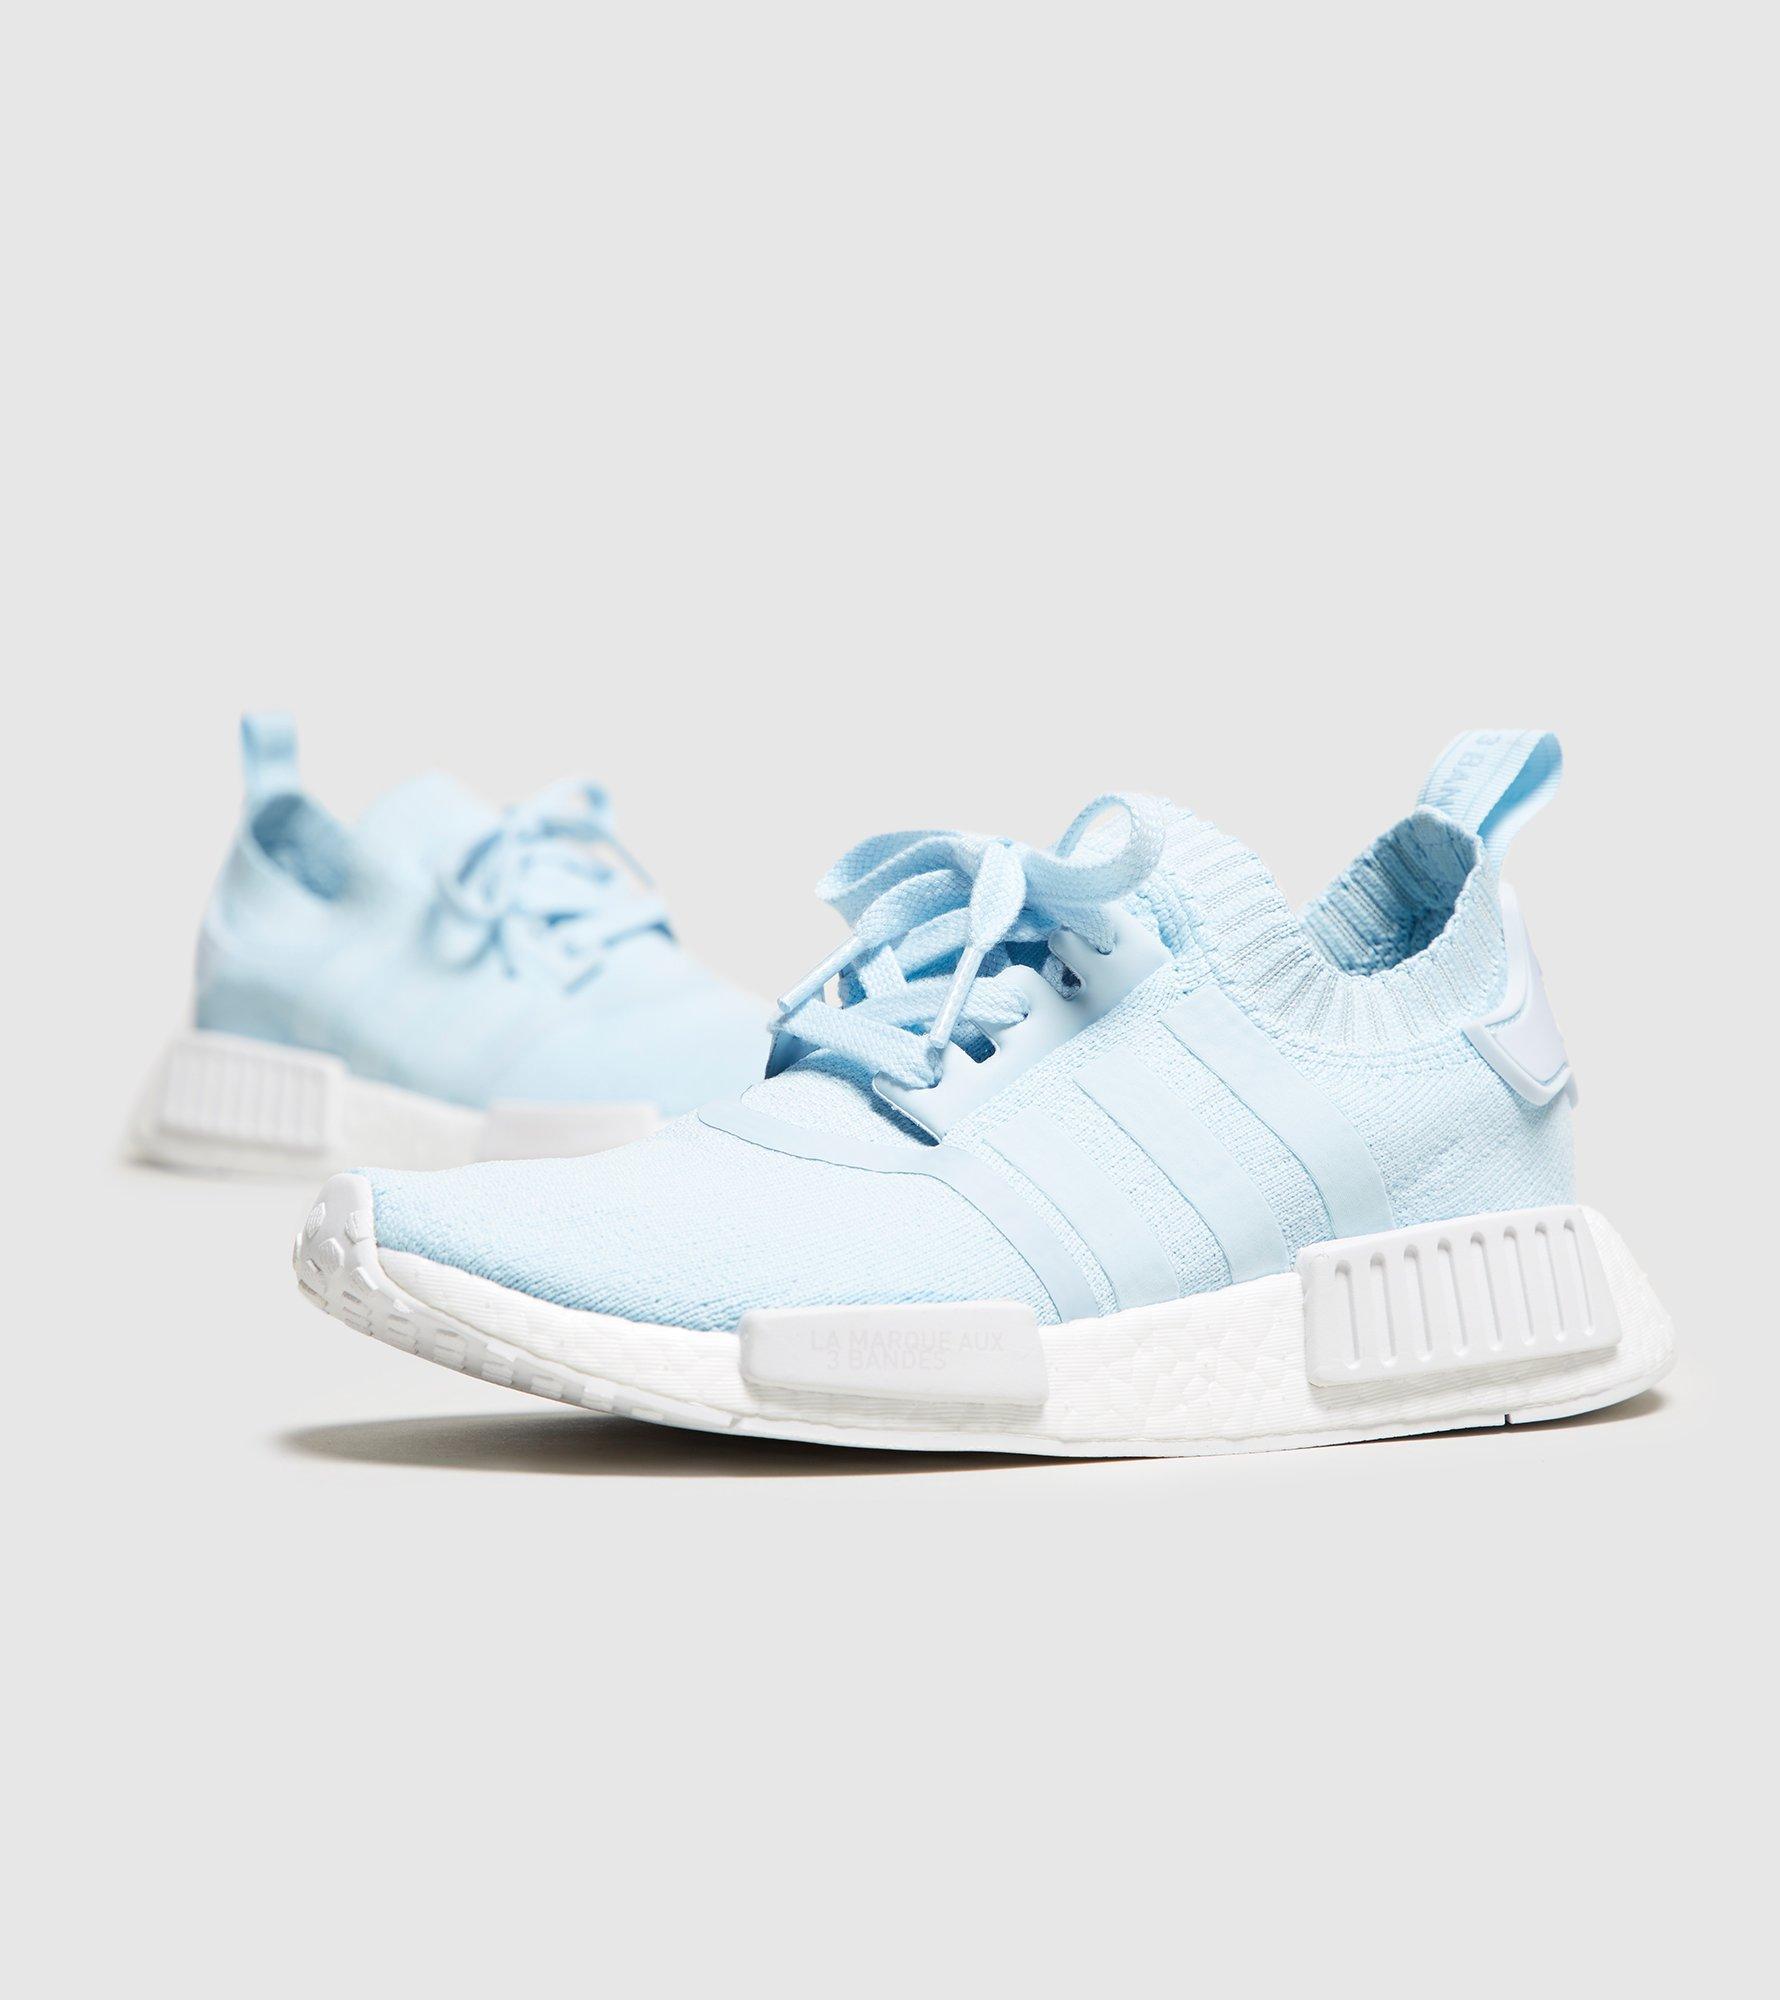 Adidas Originali Nmd R1 Scarpe Da Ginnastica In Blu Pallido In Blu Lyst